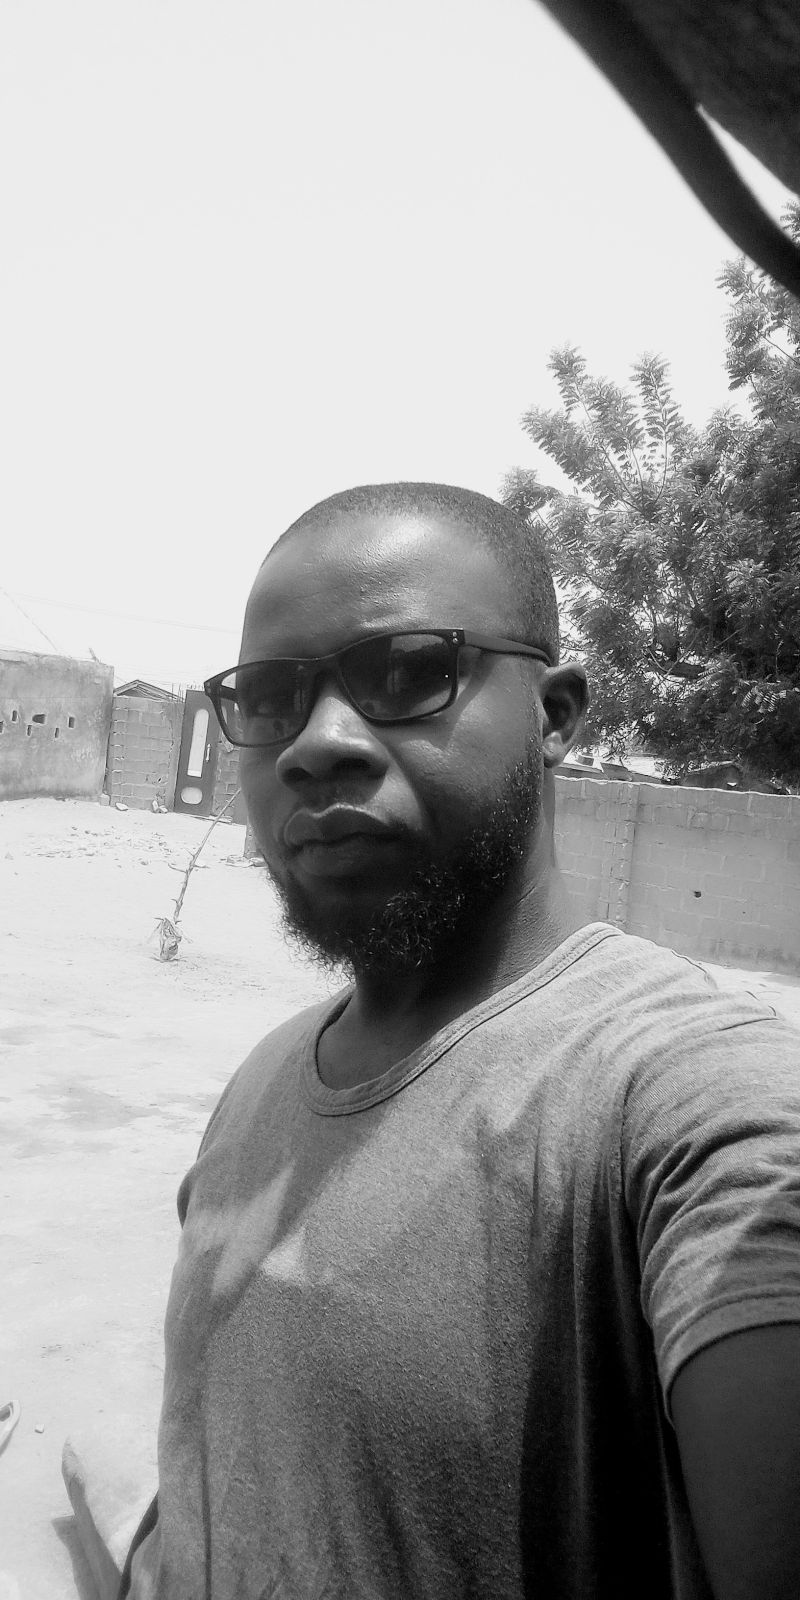 Umar_496